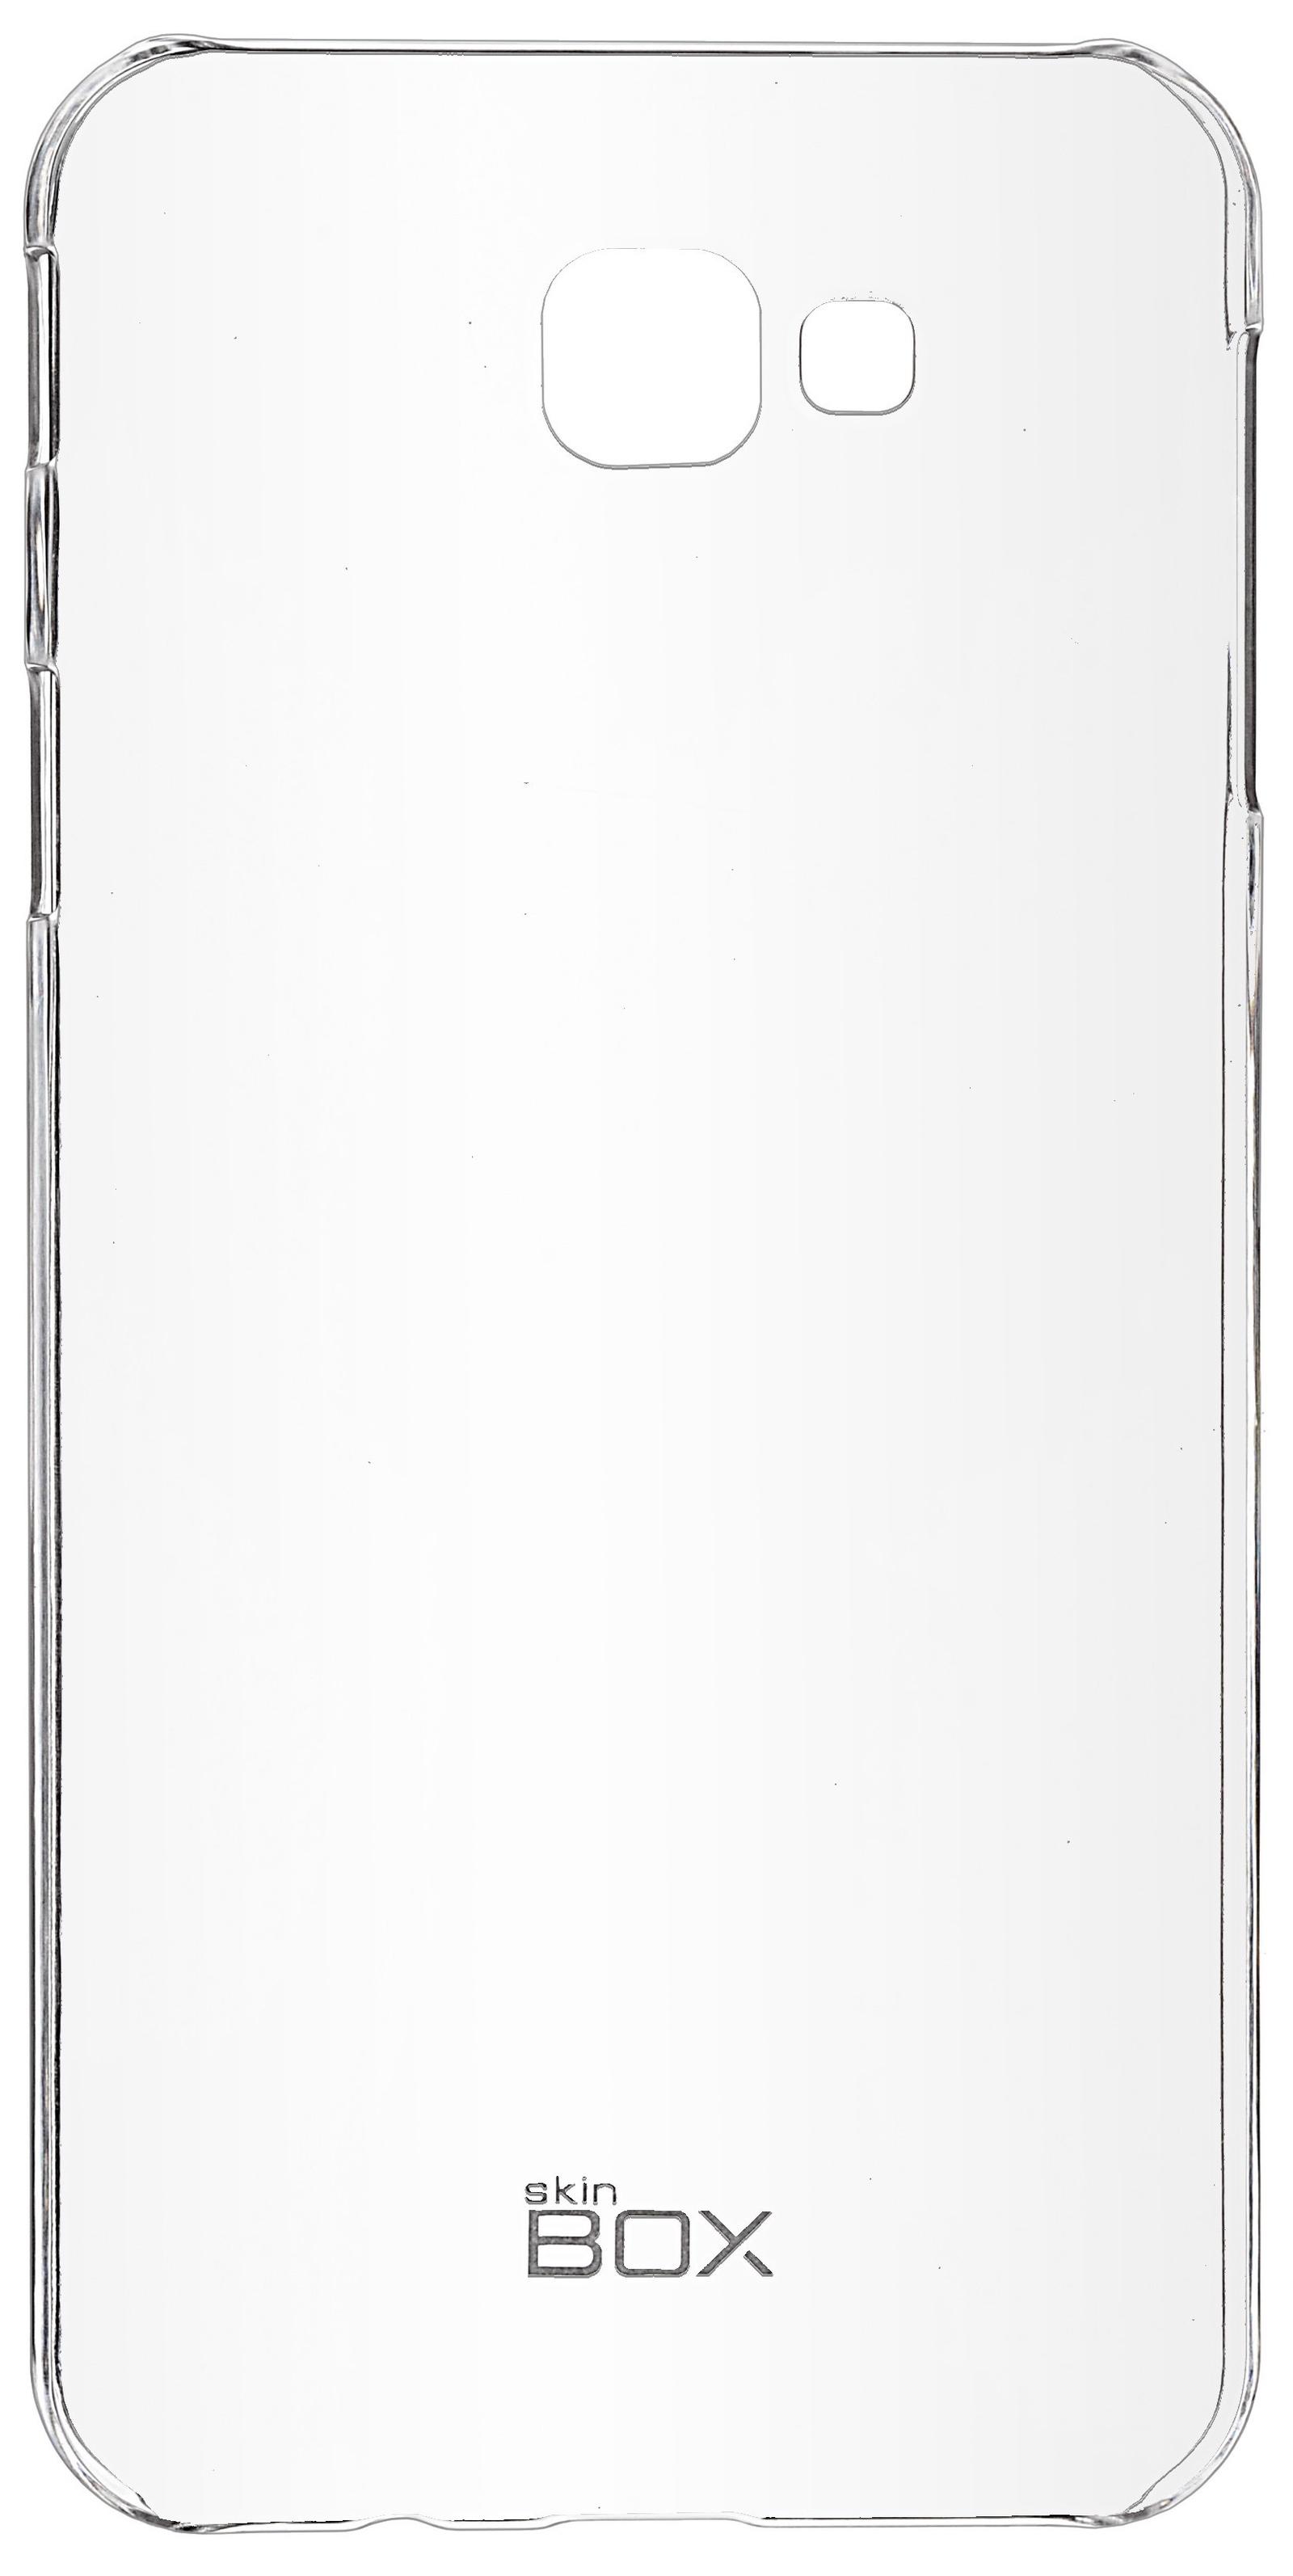 Чехол для сотового телефона skinBOX Crystal, 4630042524637, прозрачный чехол для сотового телефона skinbox crystal 4630042524620 прозрачный